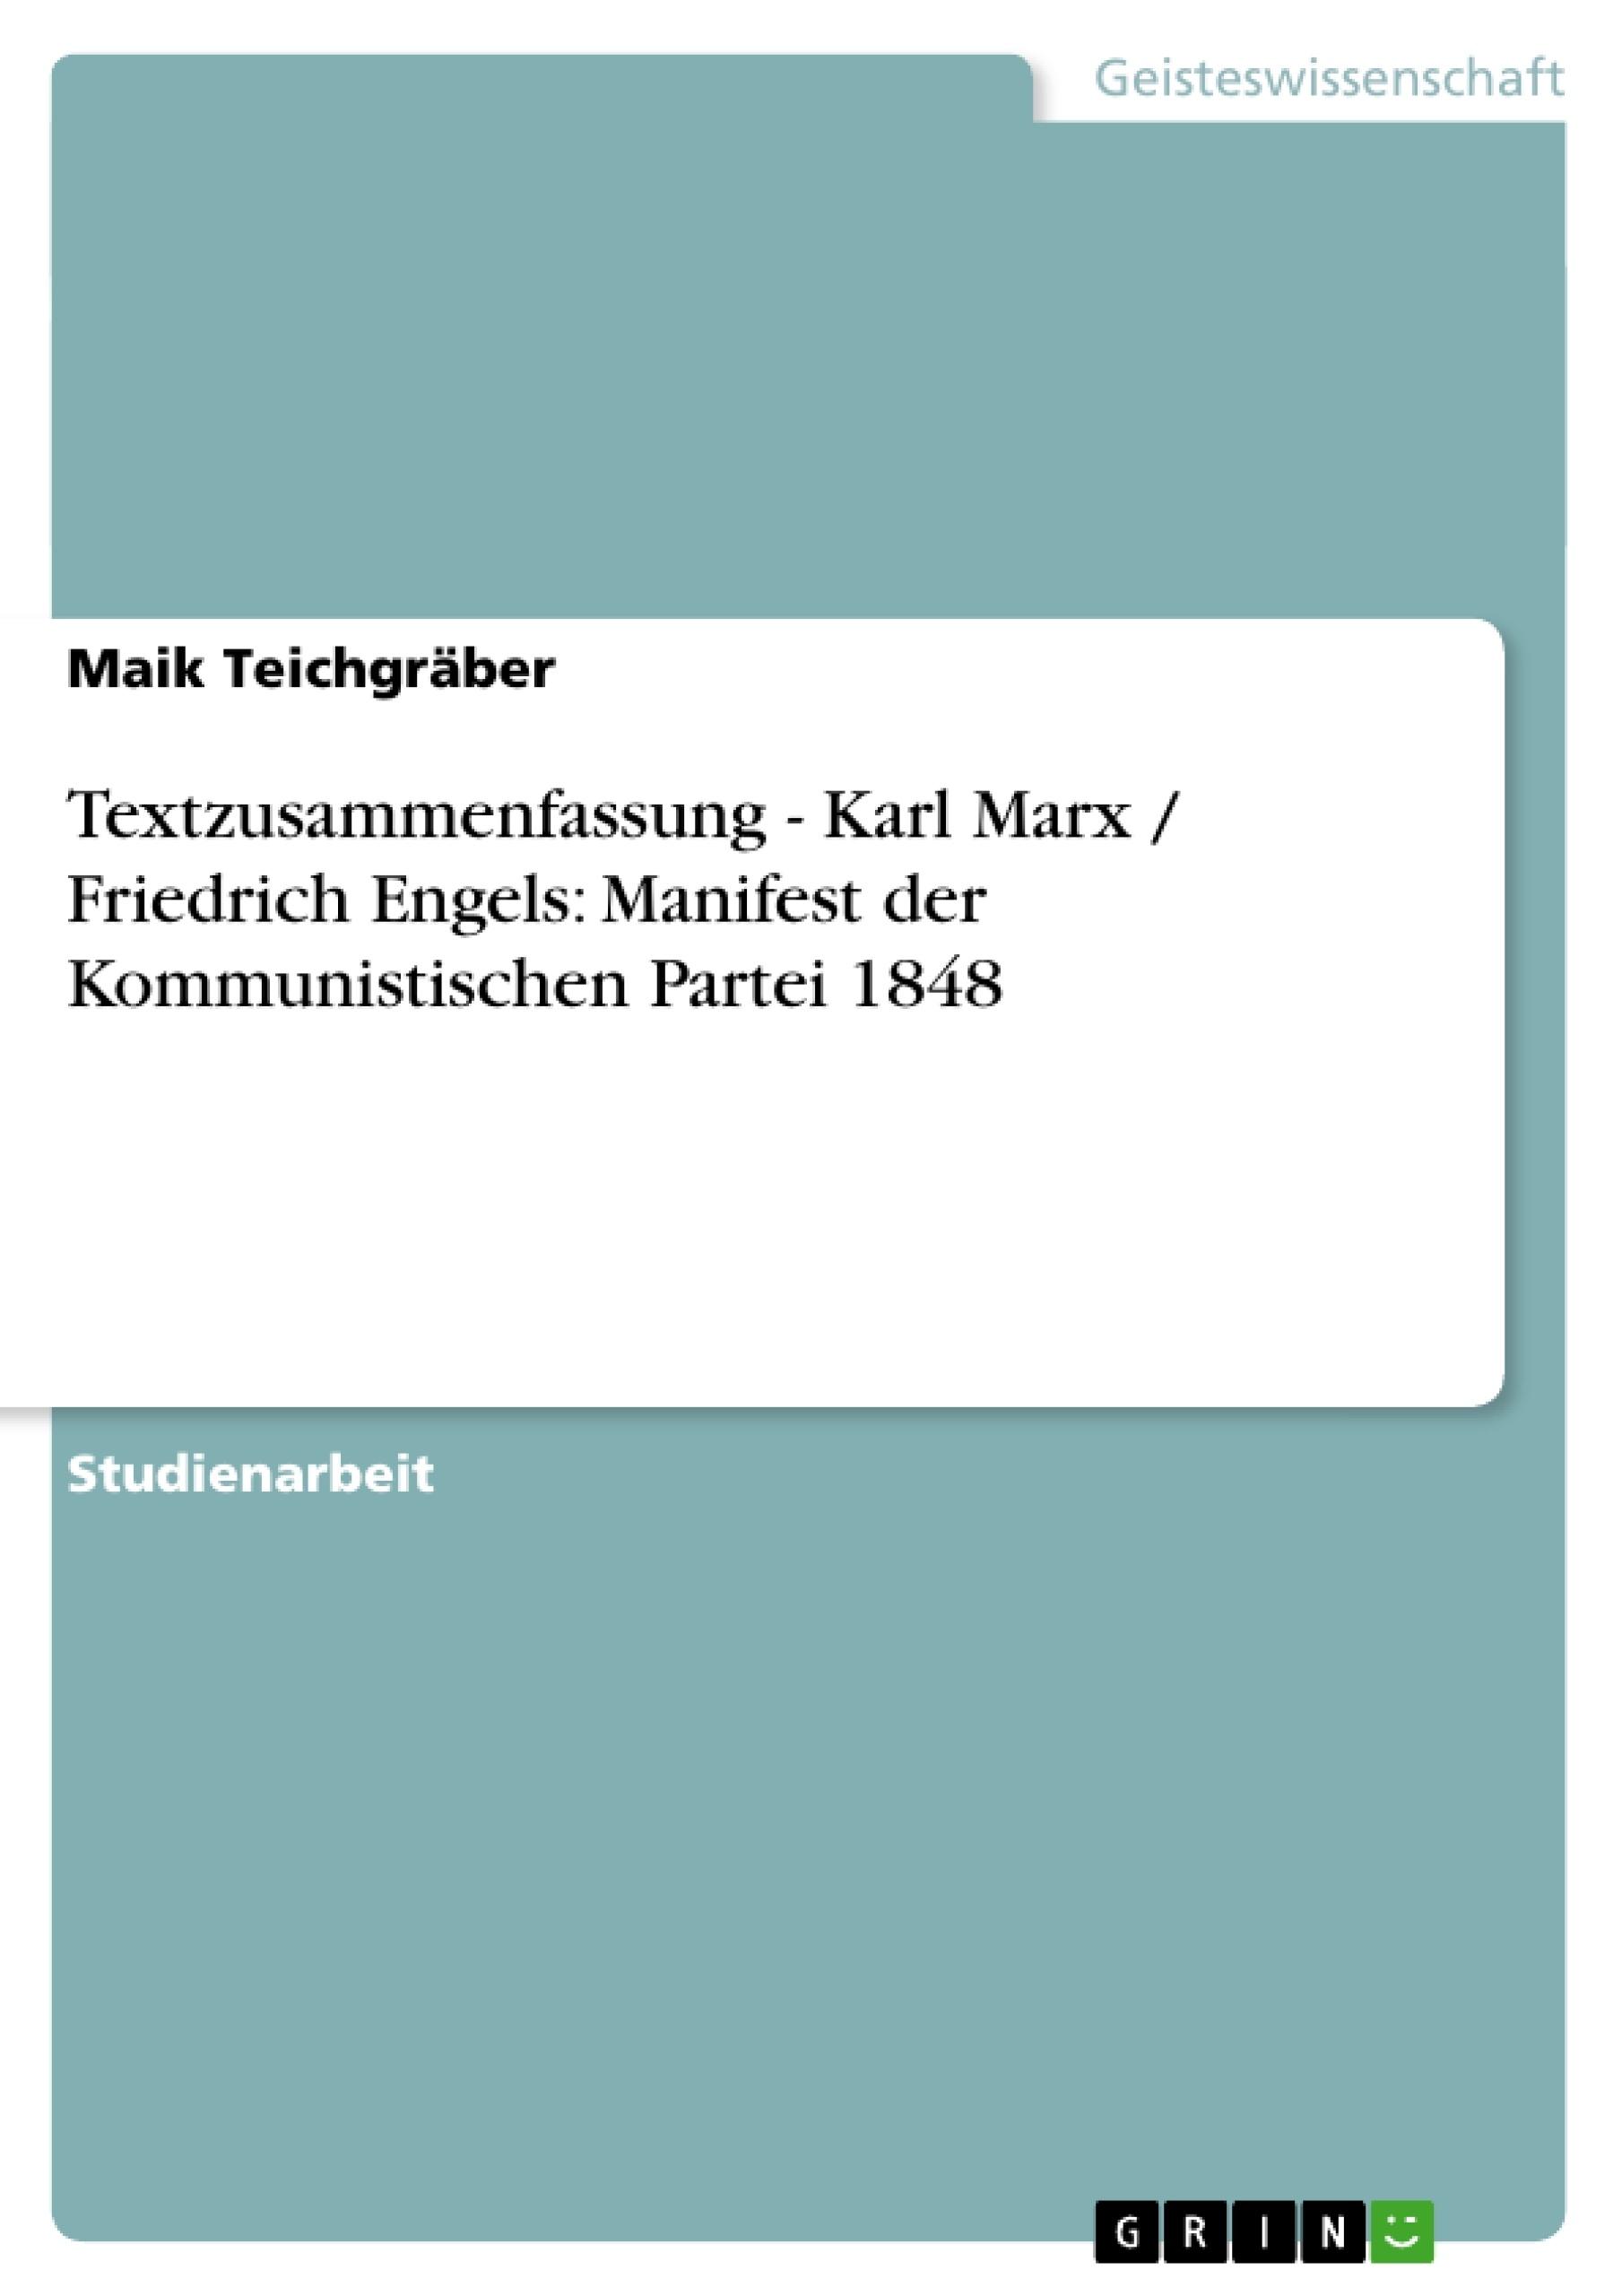 Titel: Textzusammenfassung - Karl Marx / Friedrich Engels: Manifest der Kommunistischen Partei 1848